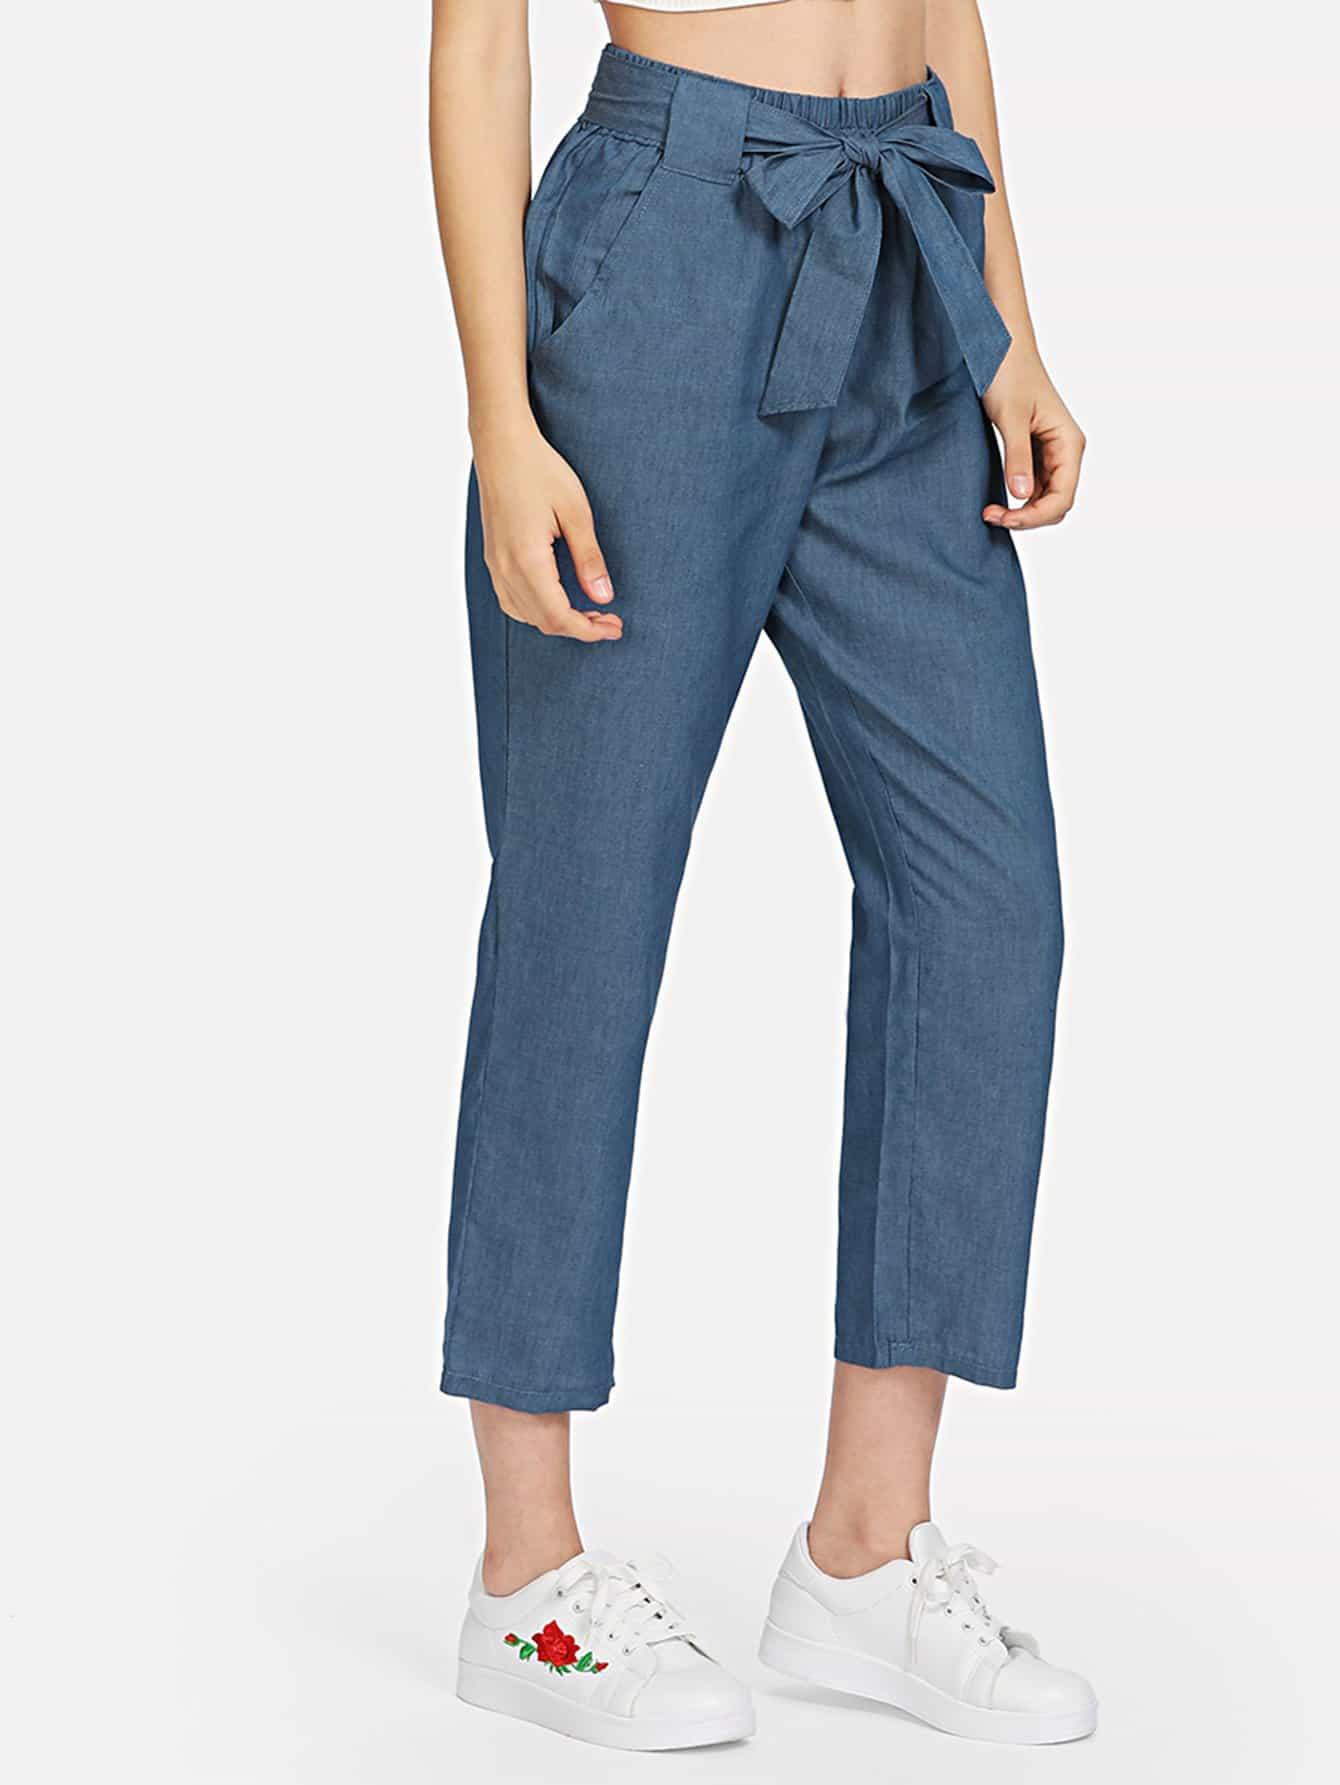 Self Tie Waist Jeans tie waist seam front jeans